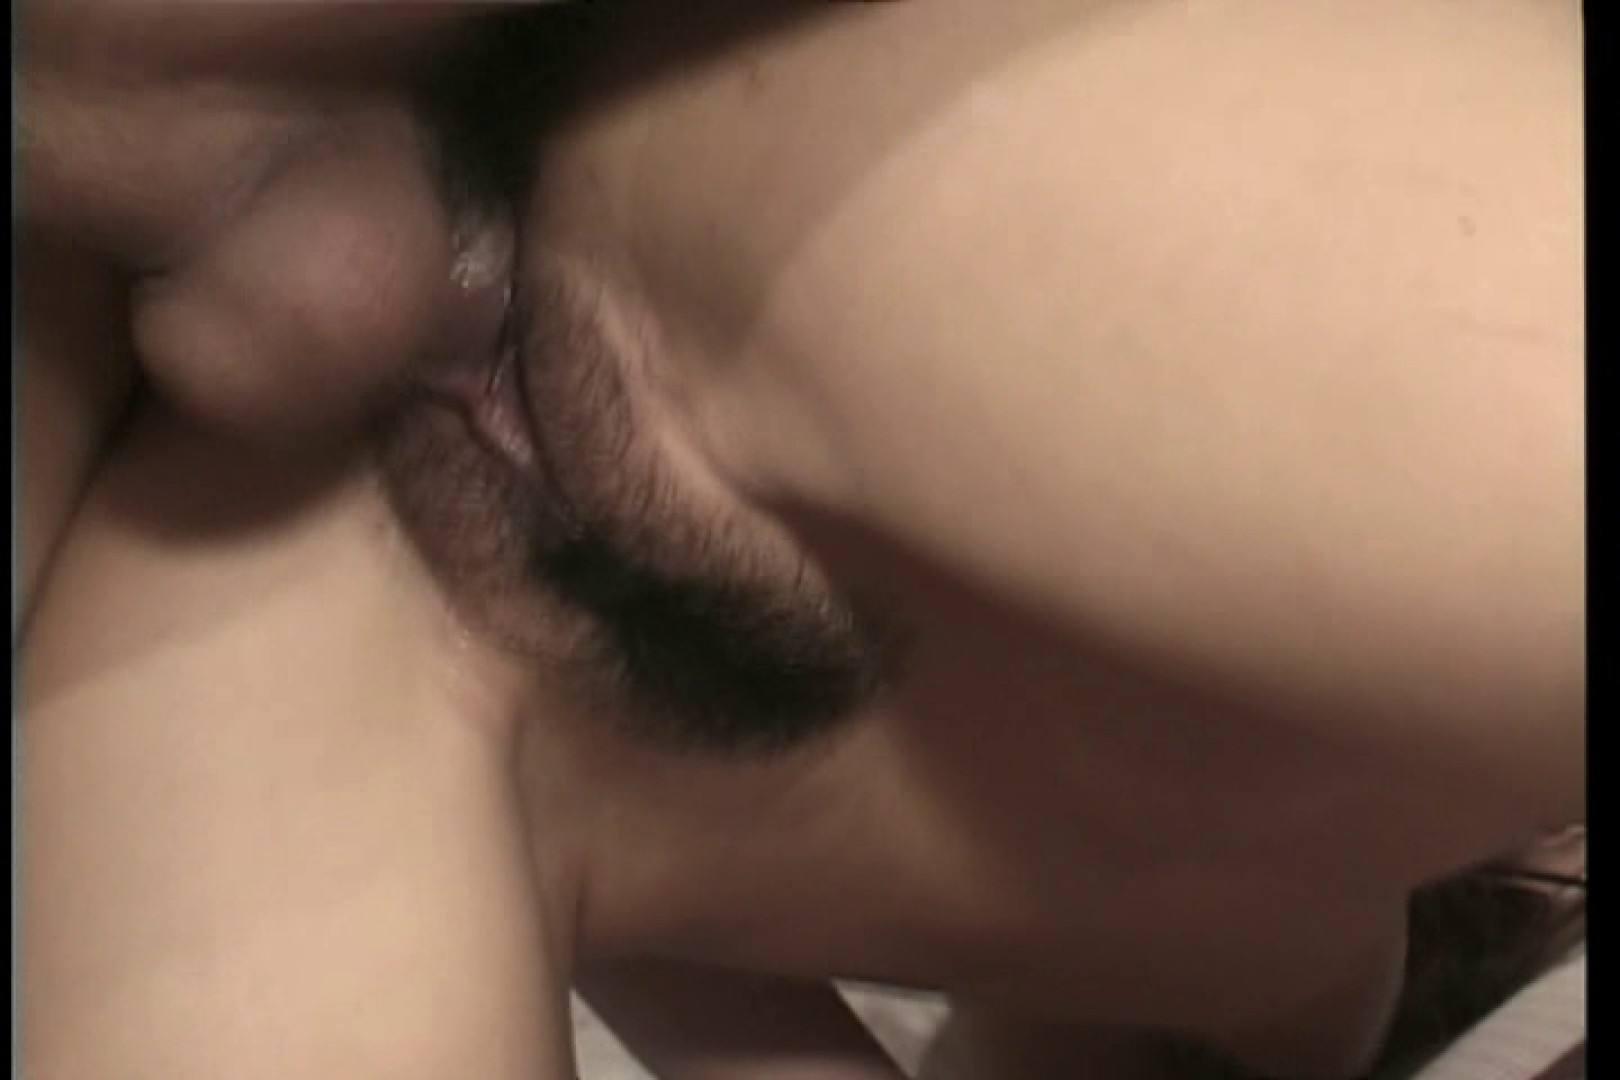 熟女2人の止まらない性欲、男を見れば即欲情~前編 熟女   性欲丸出し  102pic 6